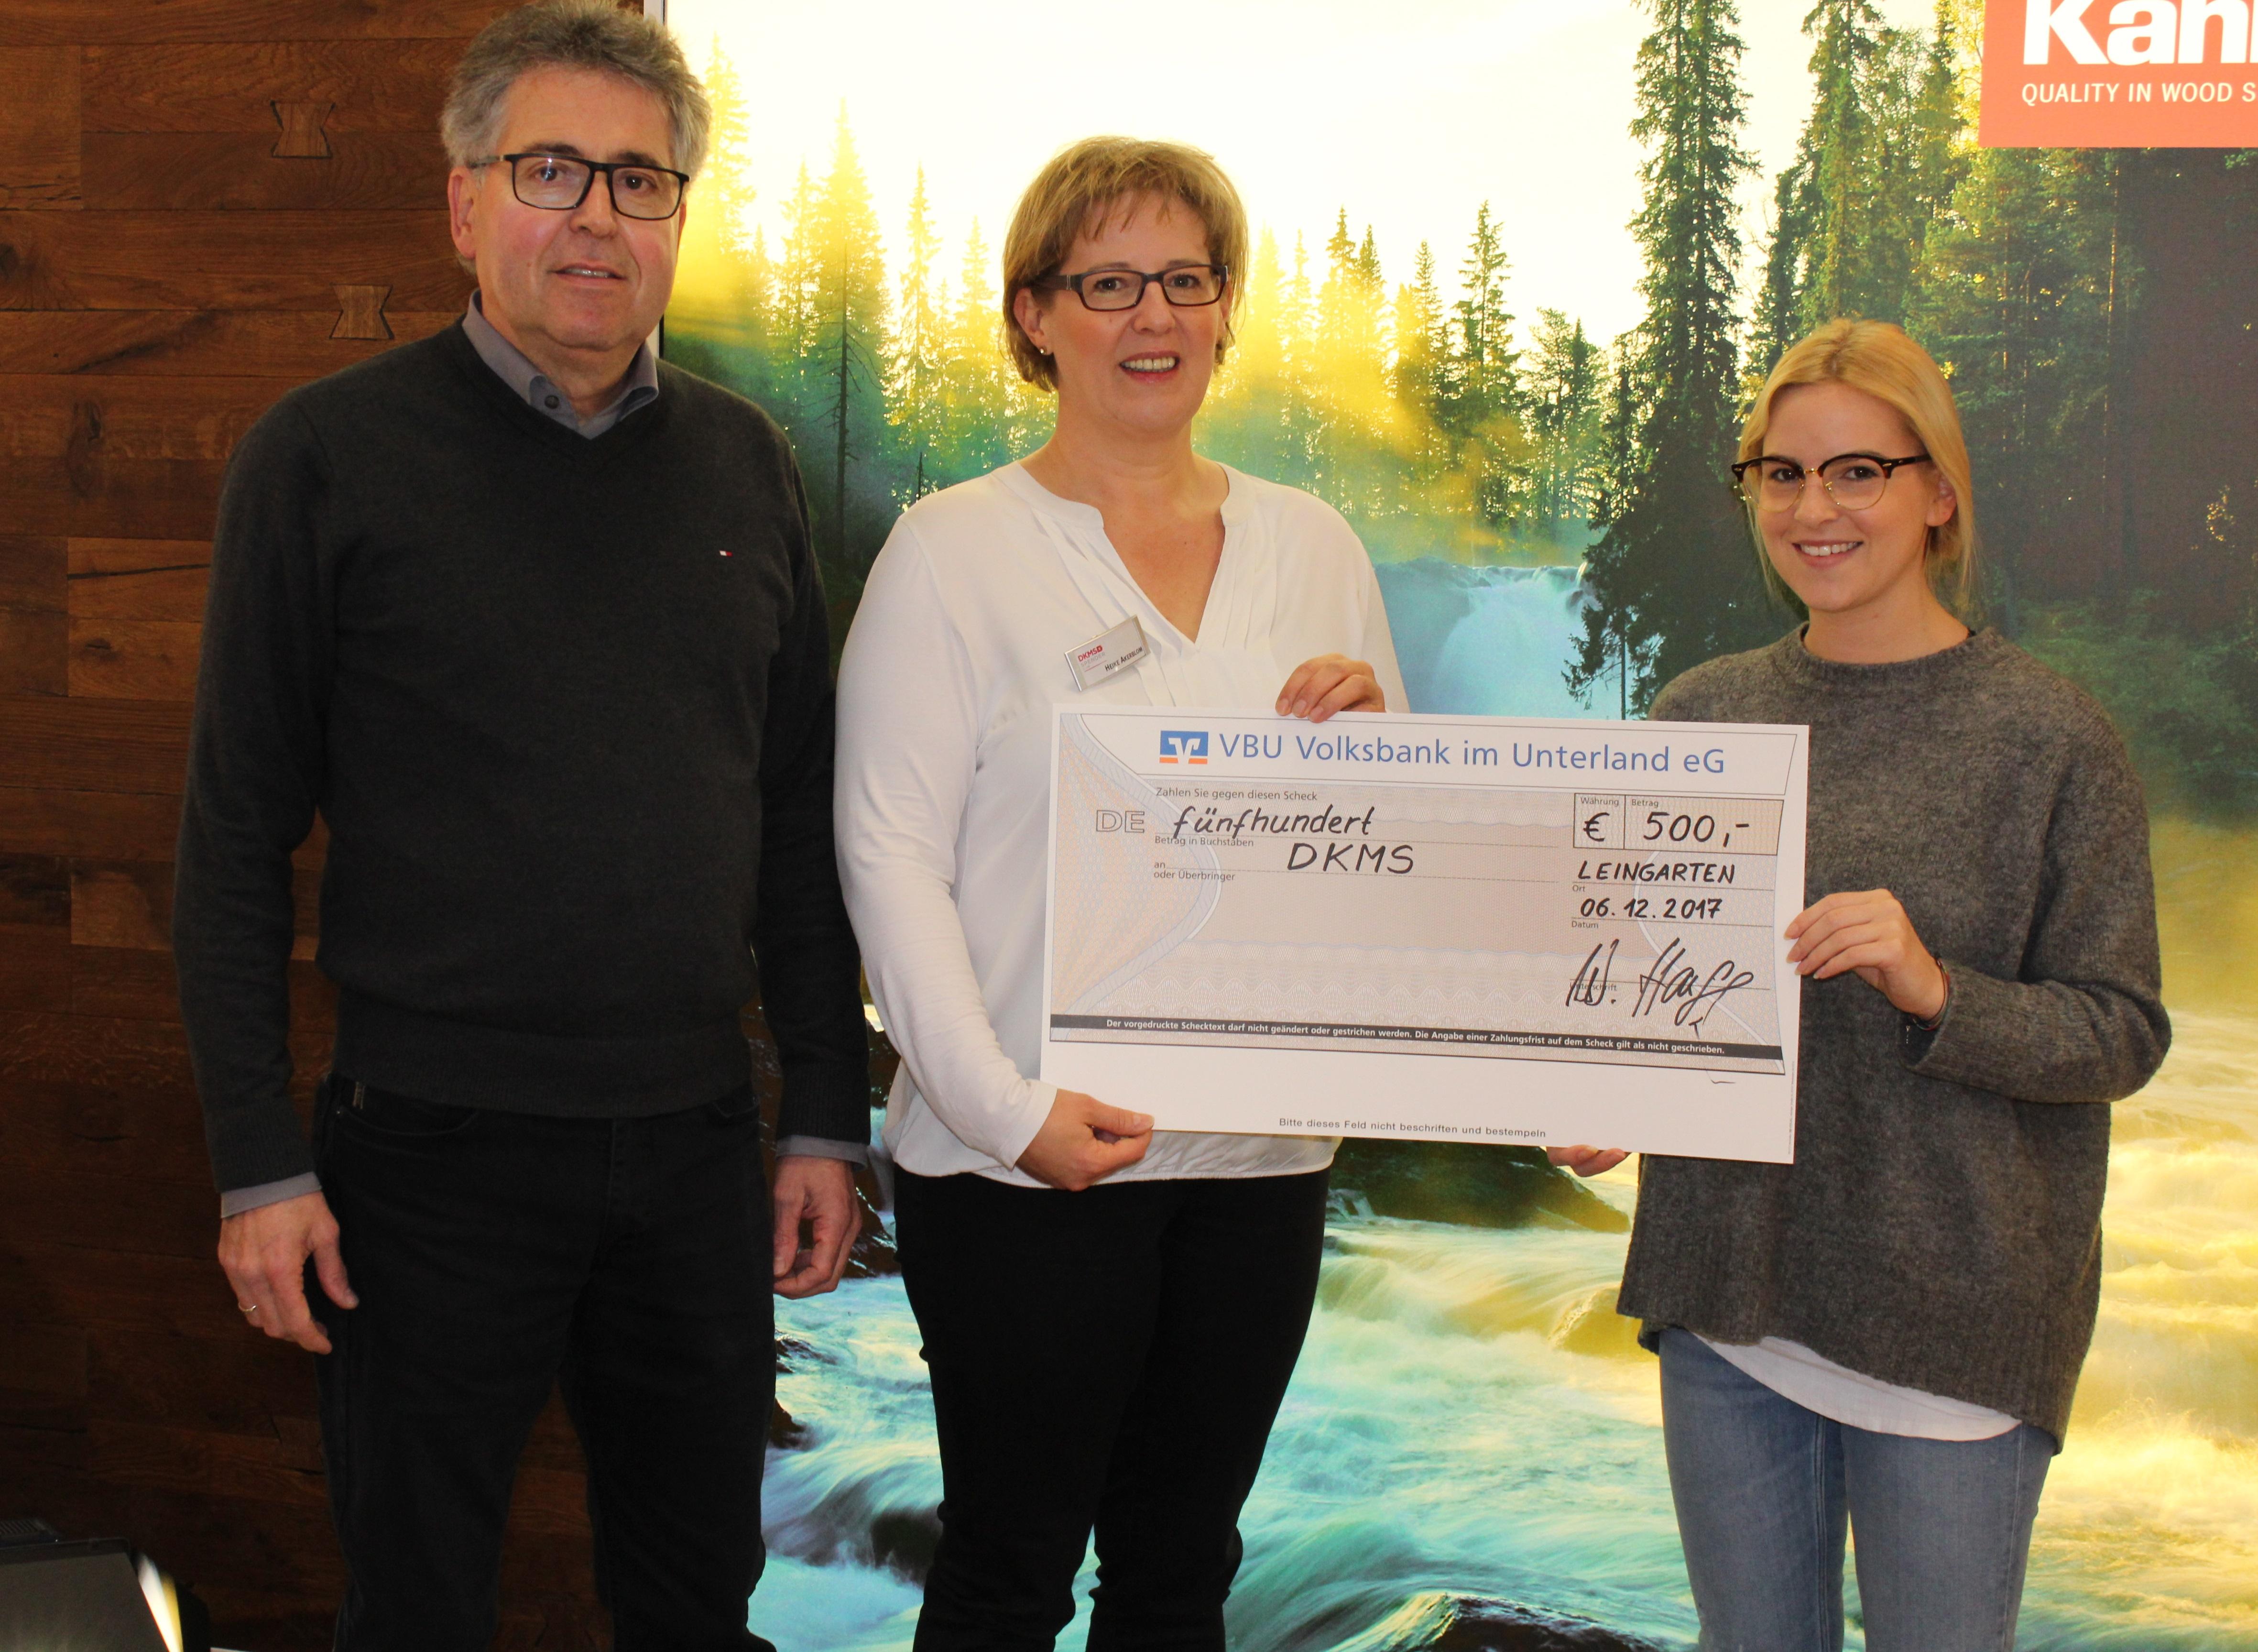 Spendenübergabe DKMS Bild: Werner Hauff (links) Frau Akerblom (mitte) Nicole Protze (rechts)